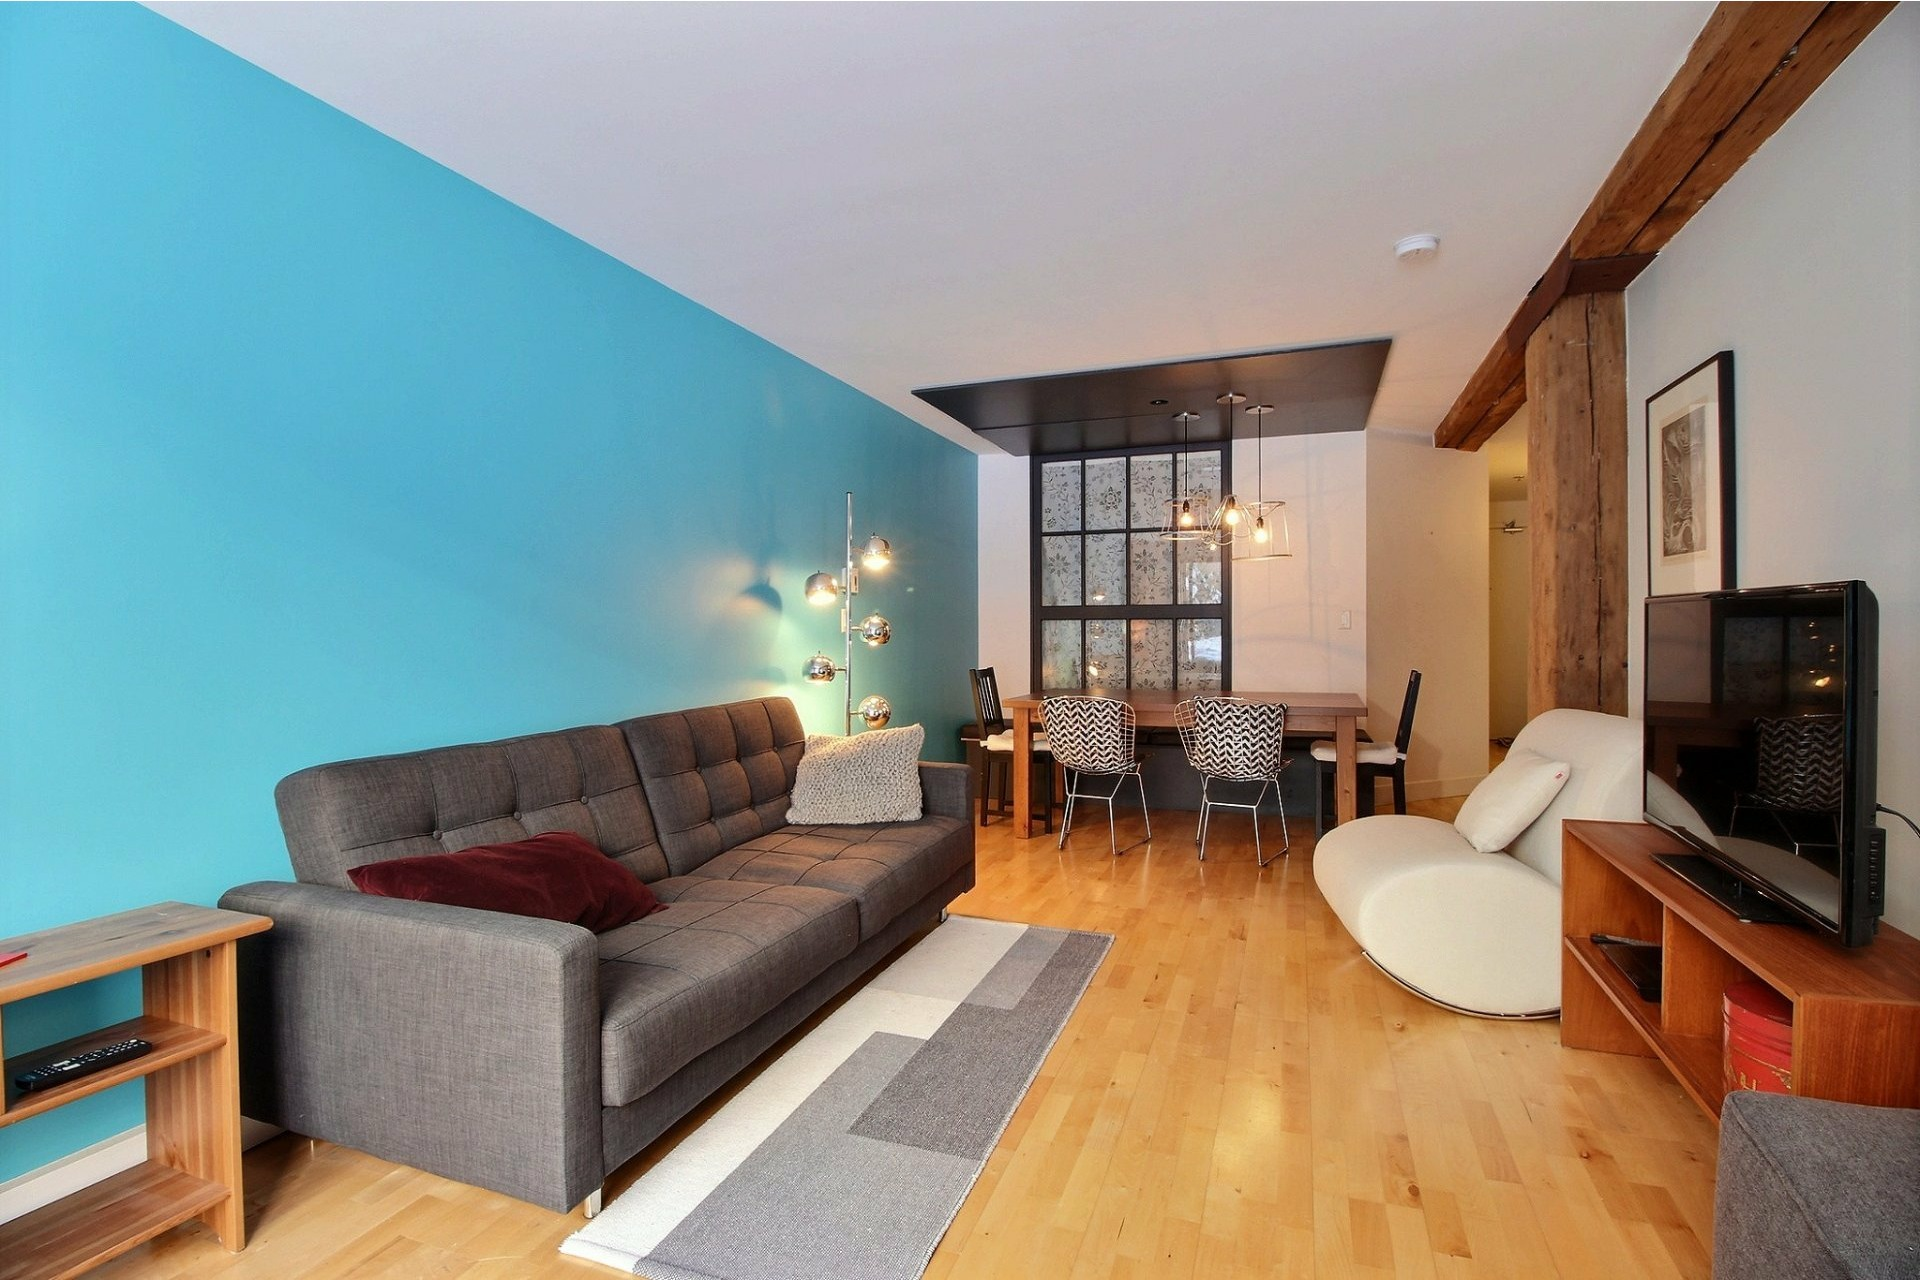 image 3 - Appartement À louer Mercier/Hochelaga-Maisonneuve Montréal  - 5 pièces